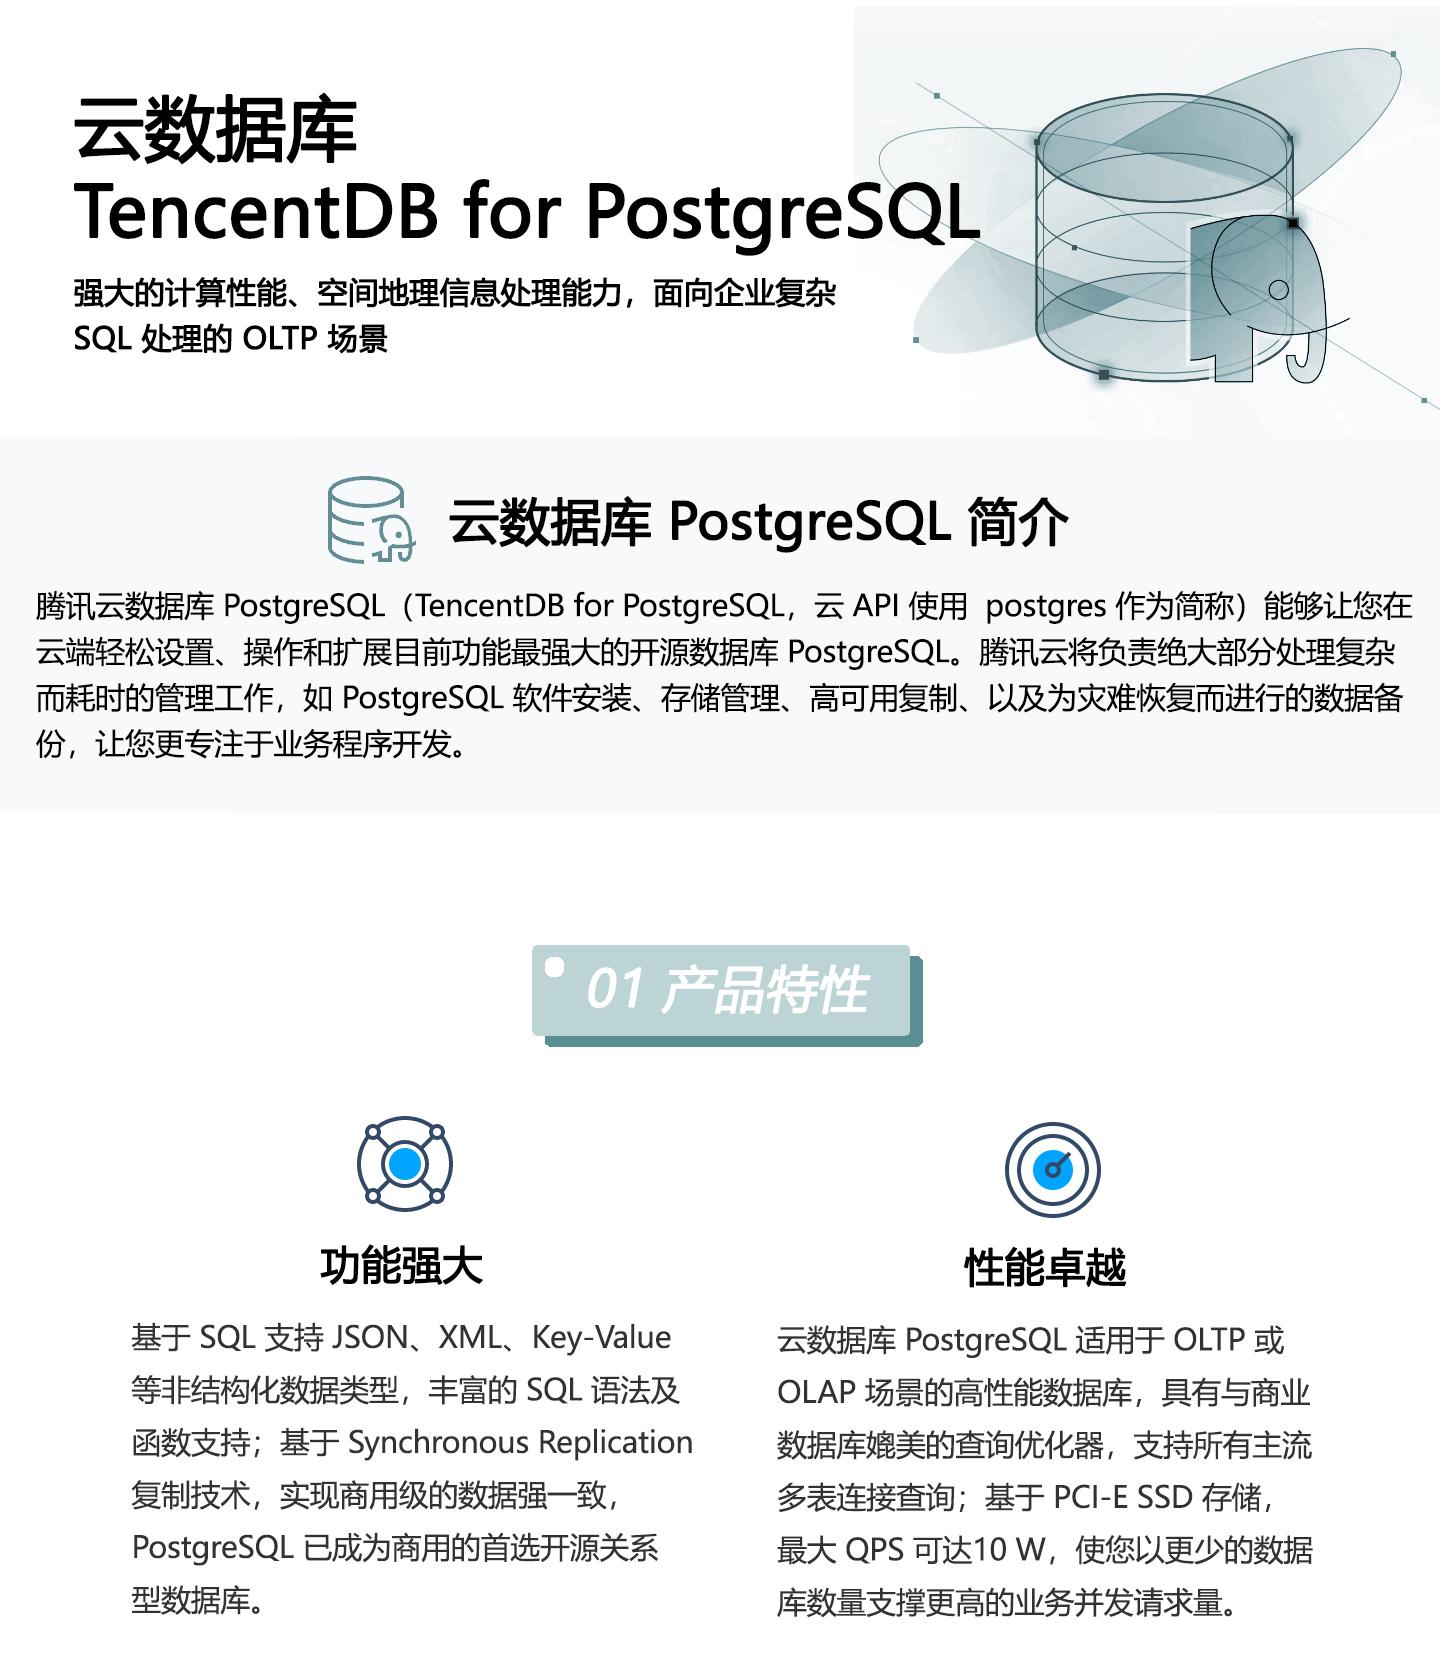 云数据库-TencentDB-for-PostgreSQL-1440_01.jpg